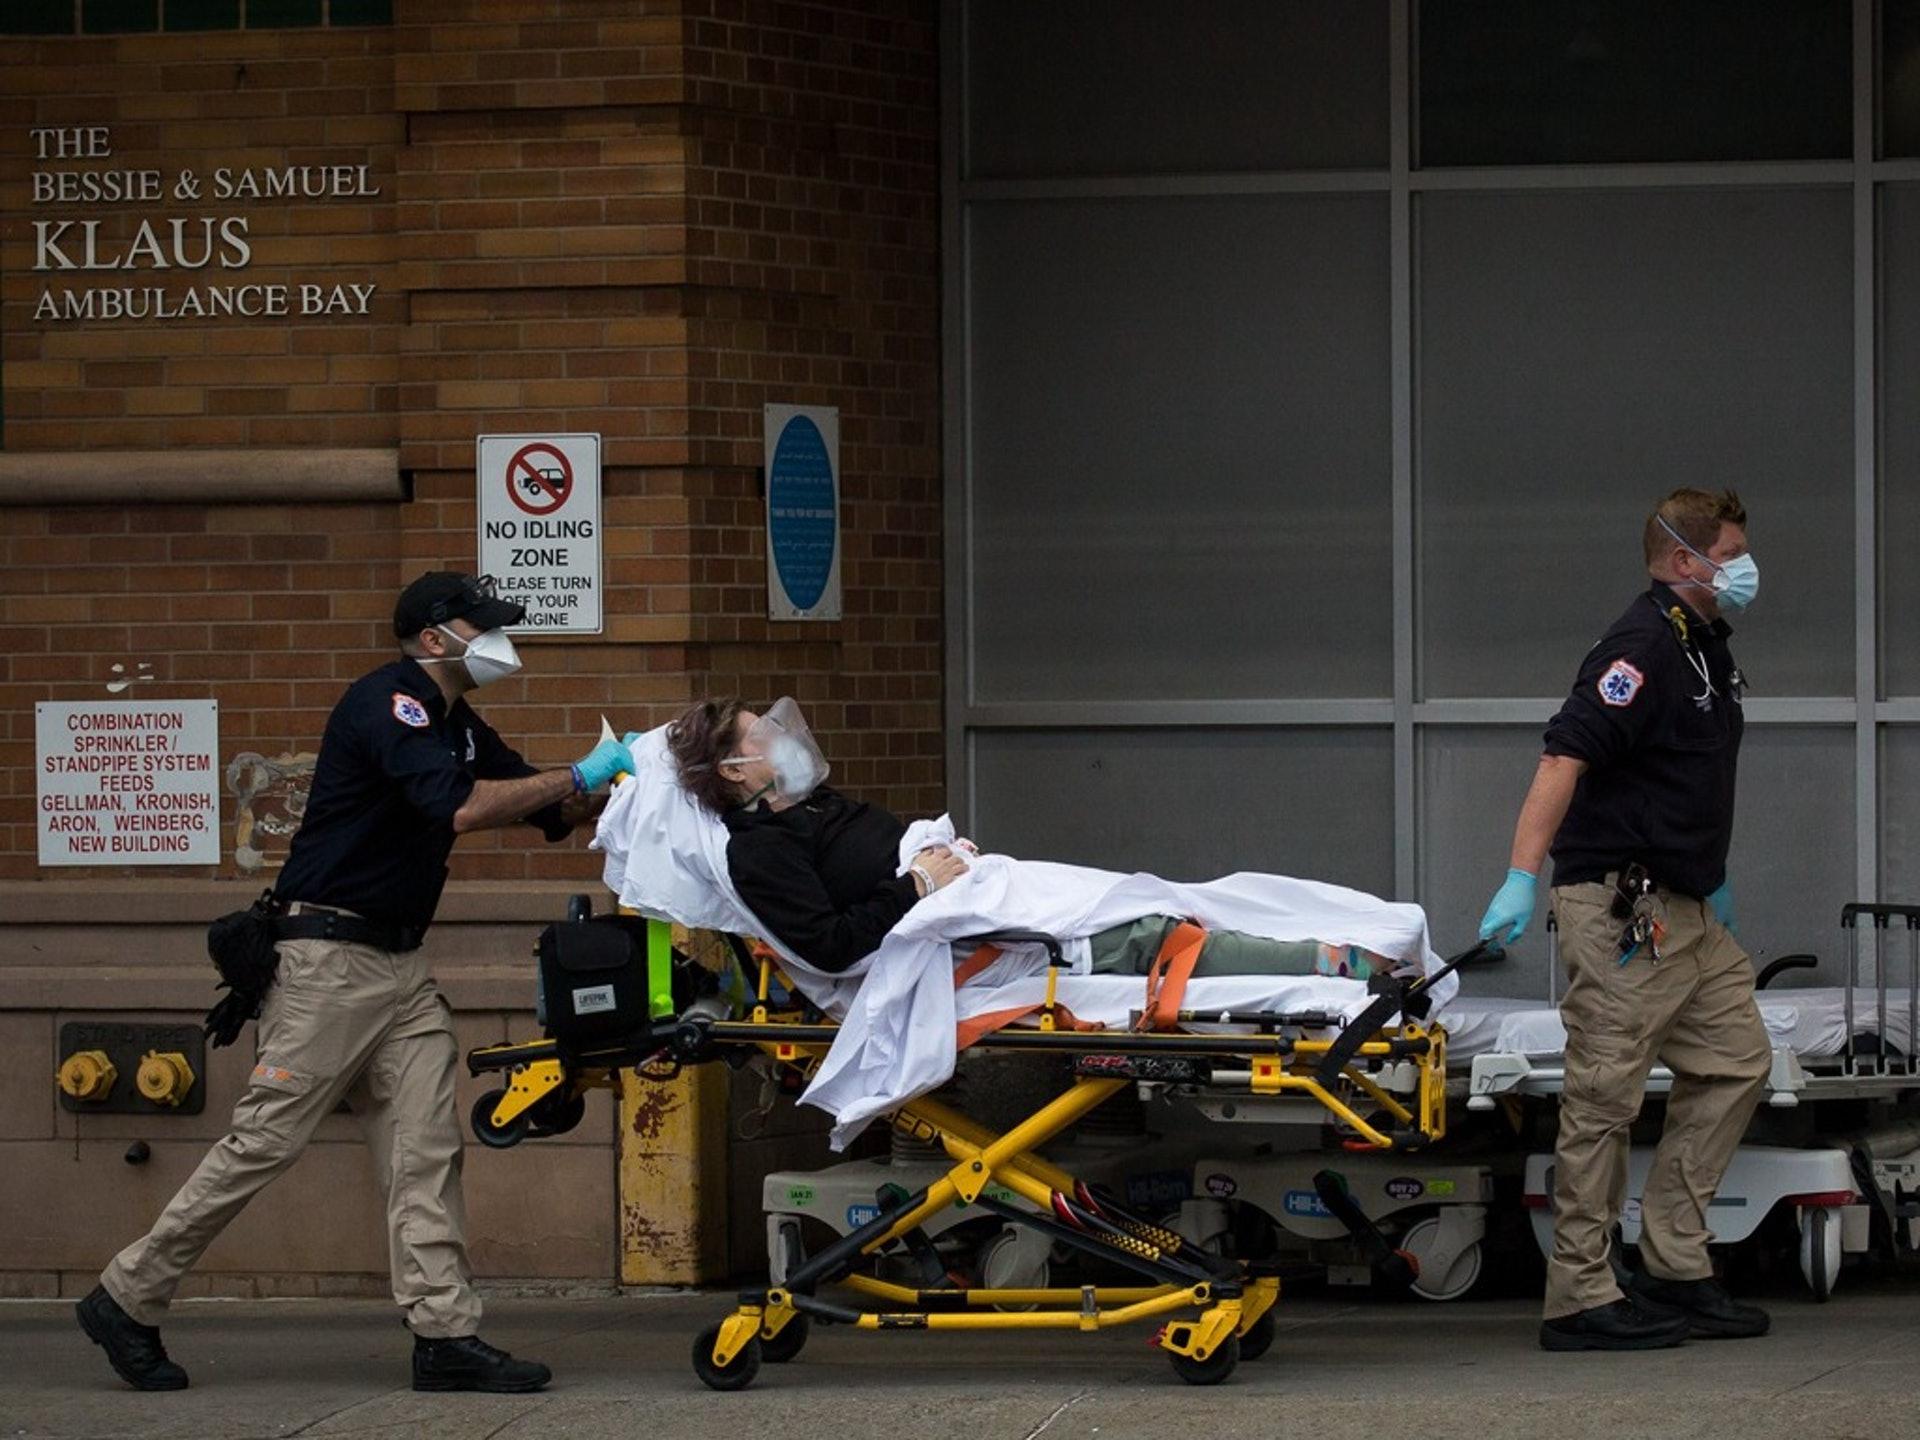 纽约疫情告急 医院却将遭州长削减4亿美元预算